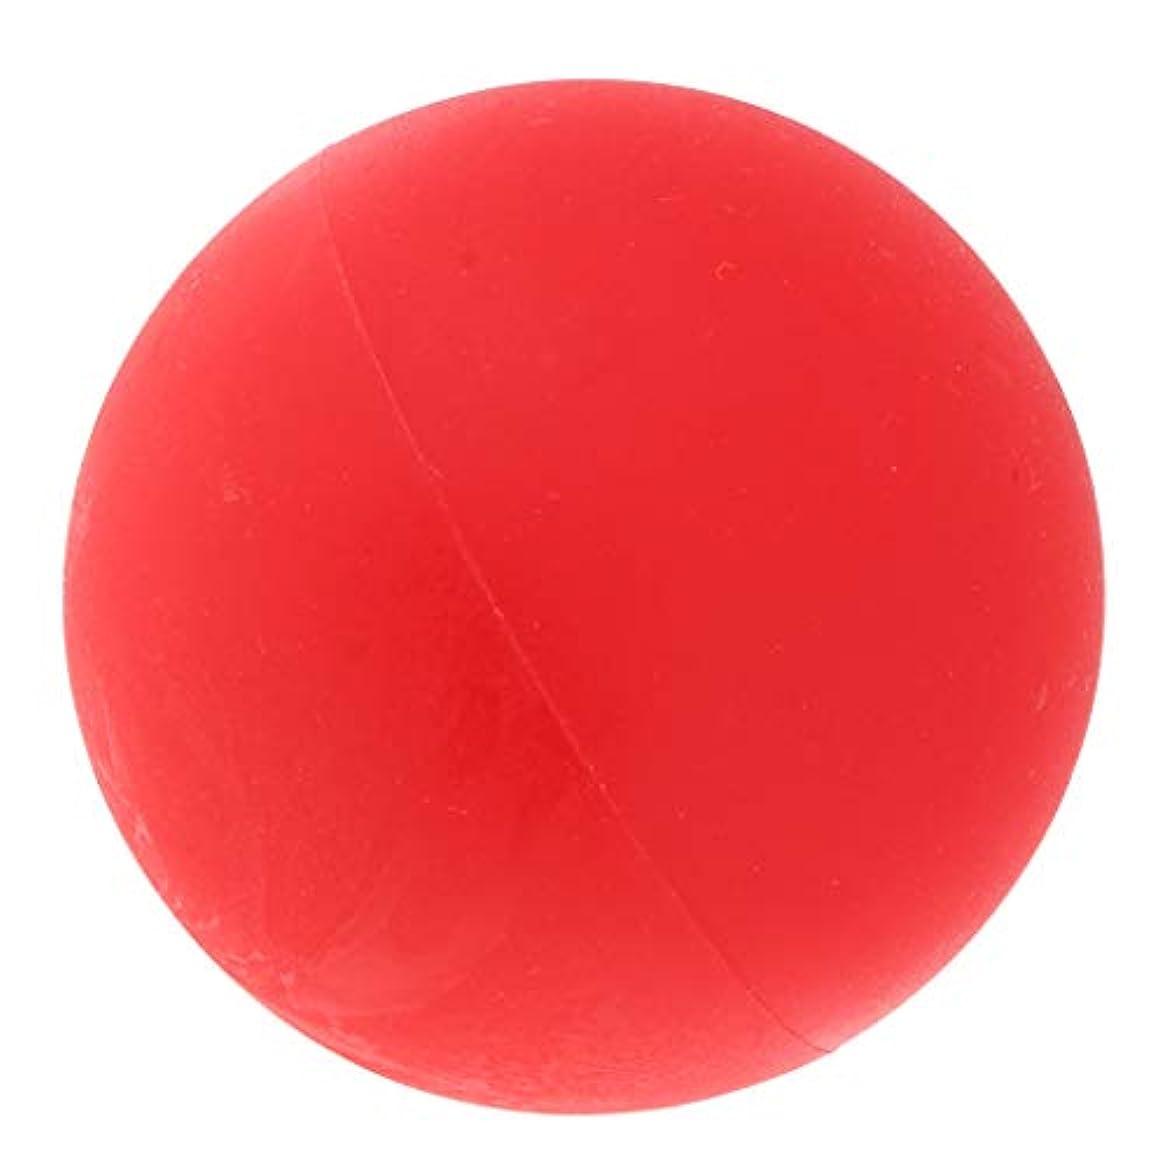 嫌がる南東一定マッサージボール ヨガボール トリガーポイント 筋膜リリース 緊張緩和 健康グッズ 全4色 - 赤